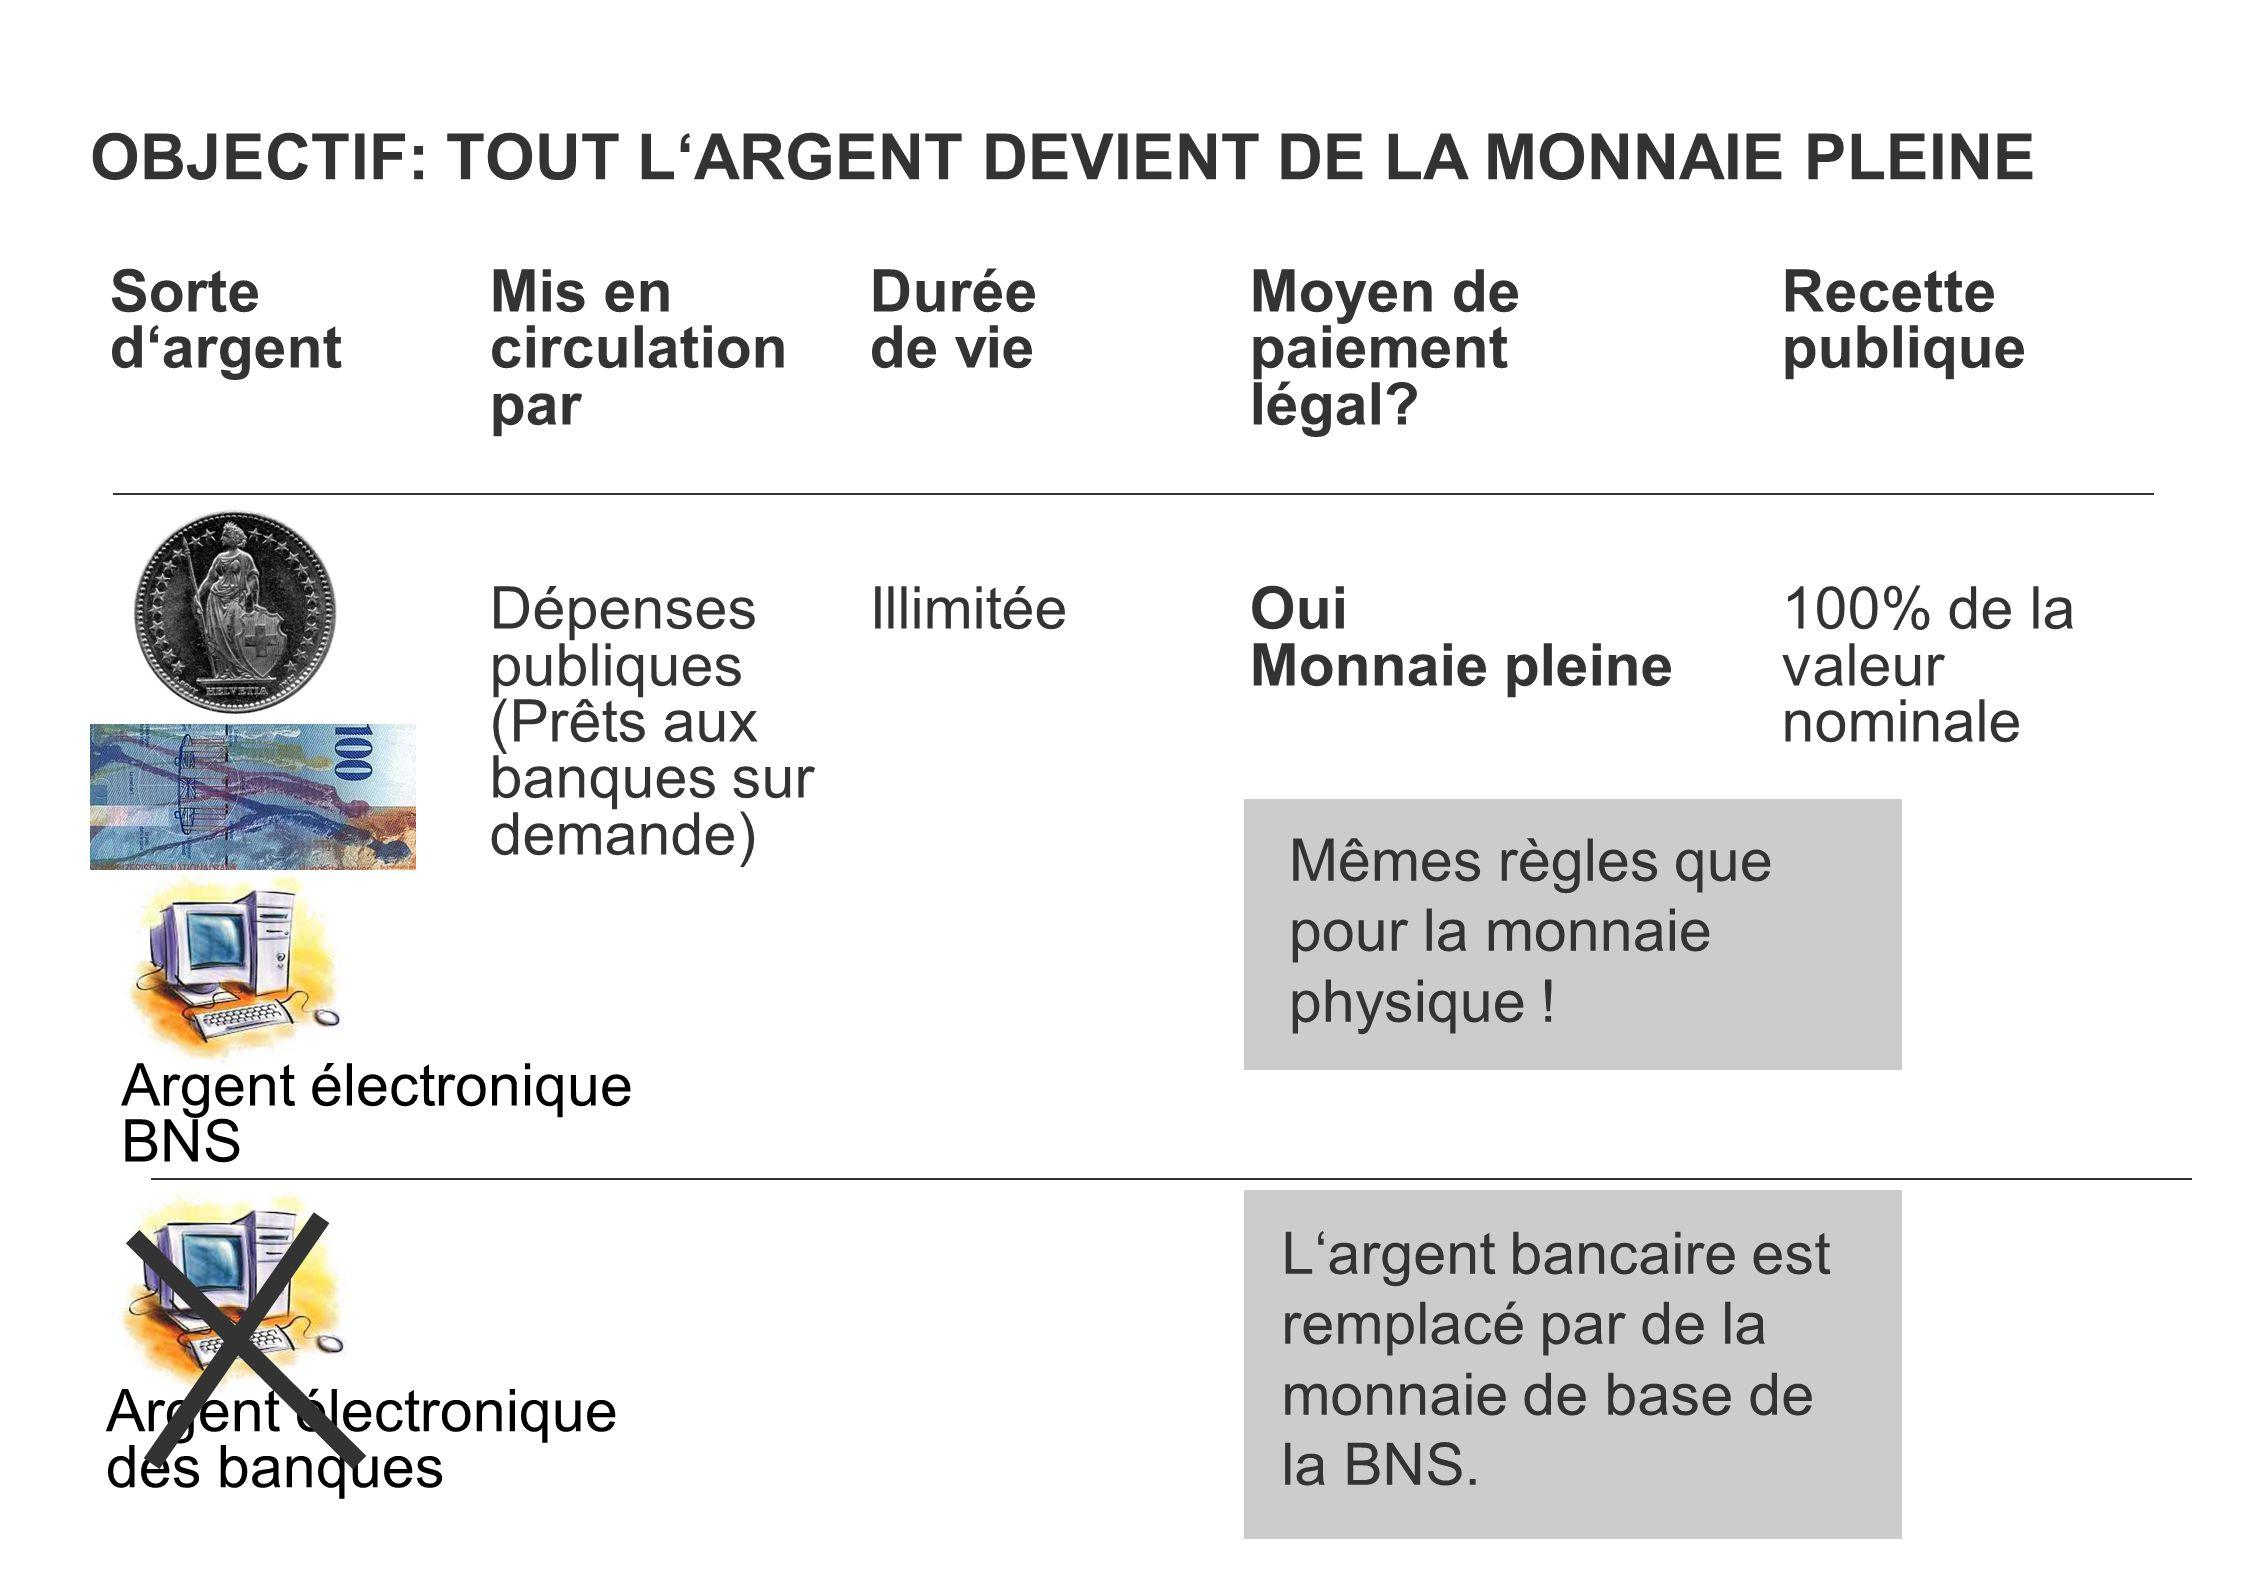 OBJECTIF: TOUT L'ARGENT DEVIENT DE LA MONNAIE PLEINE